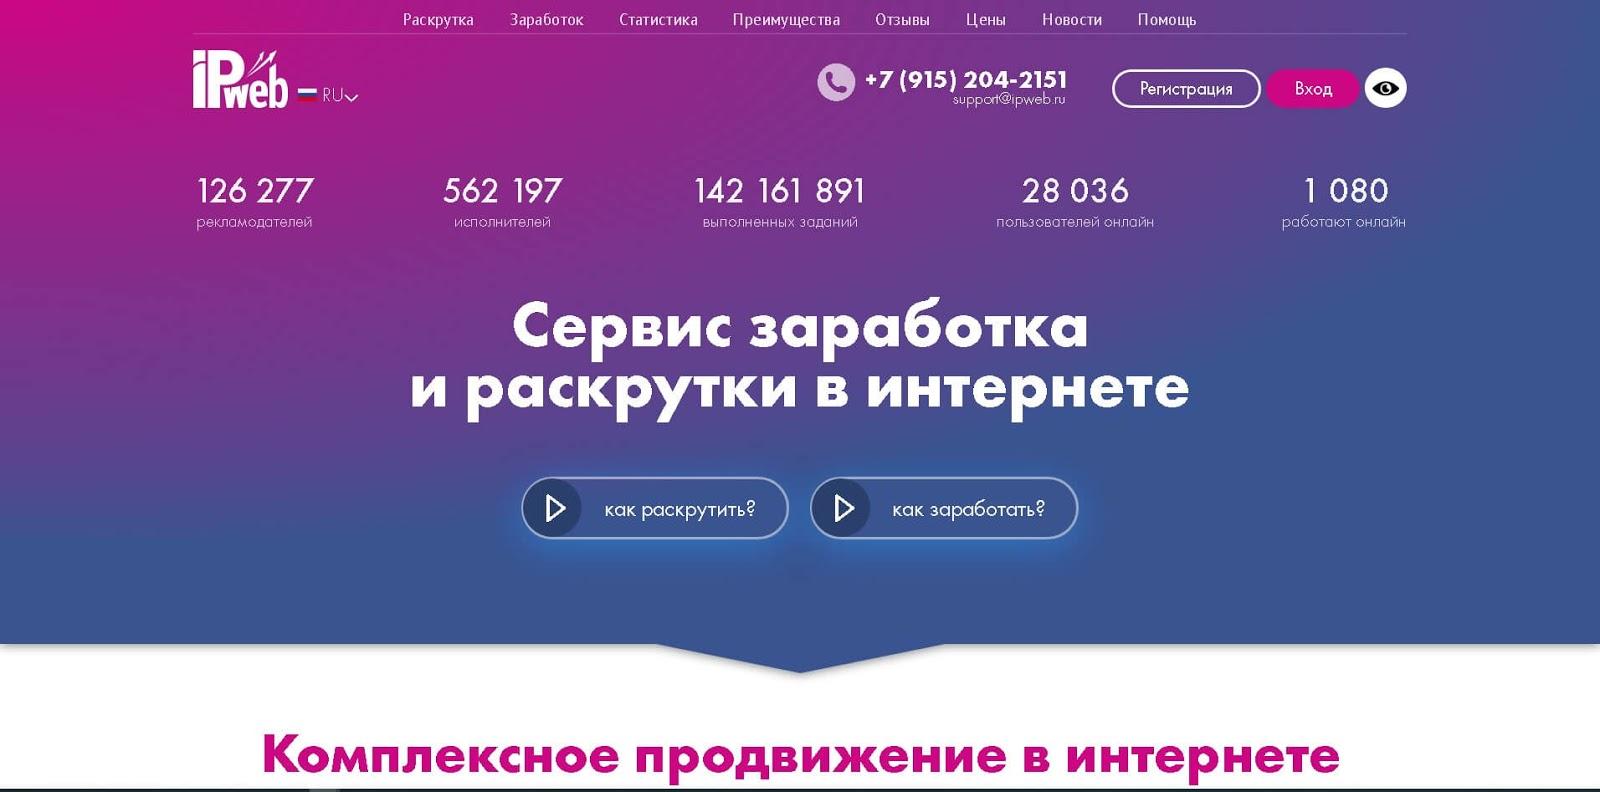 ipweb--glavnaya-stranicza